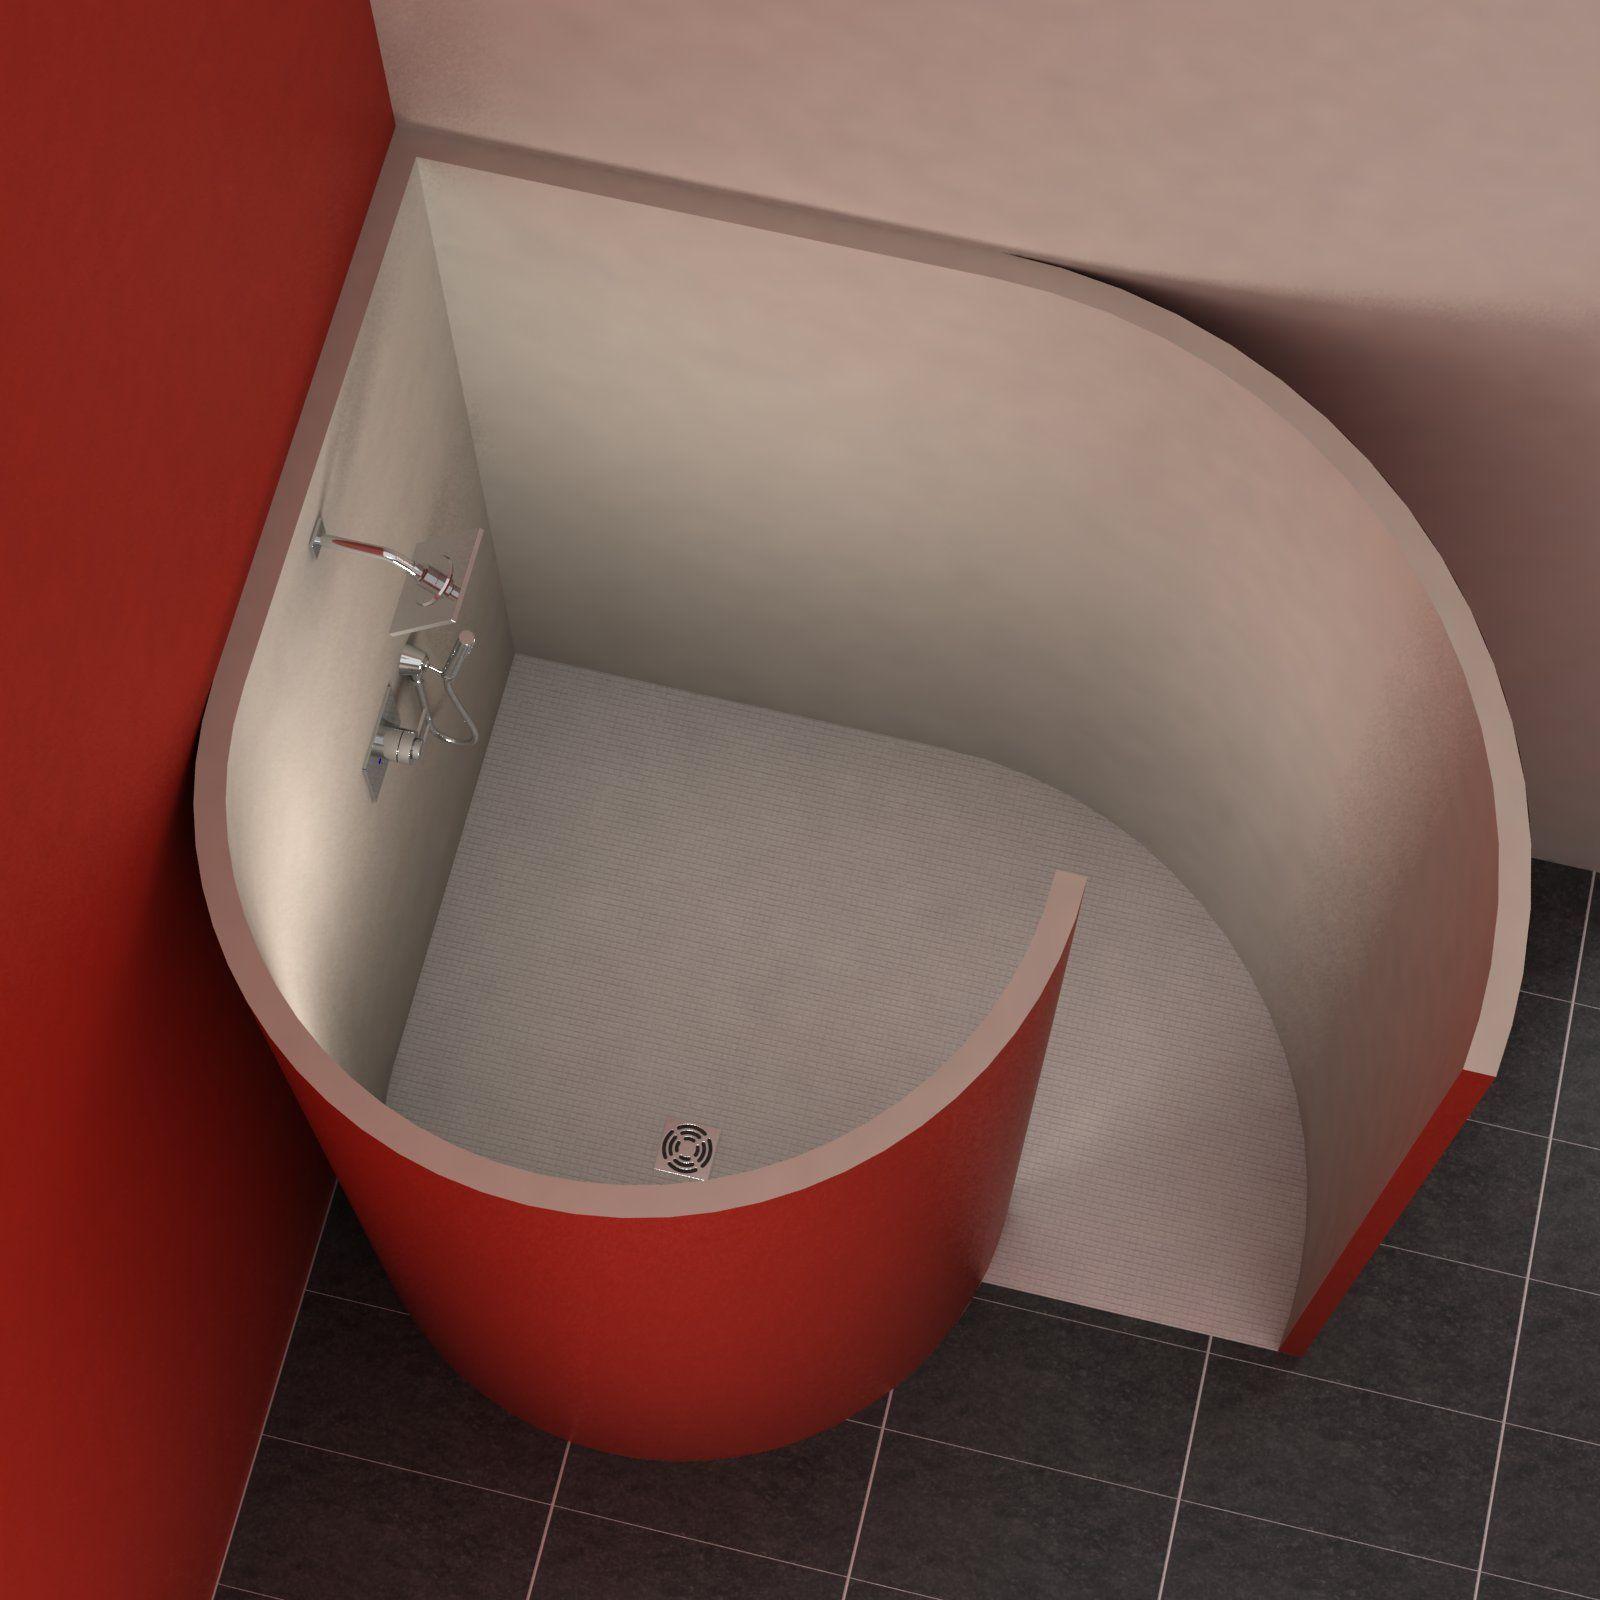 Schneckendusche Bad Pinterest Putz Fliesen Und Badezimmer - Badgestaltung mit fliesen und putz